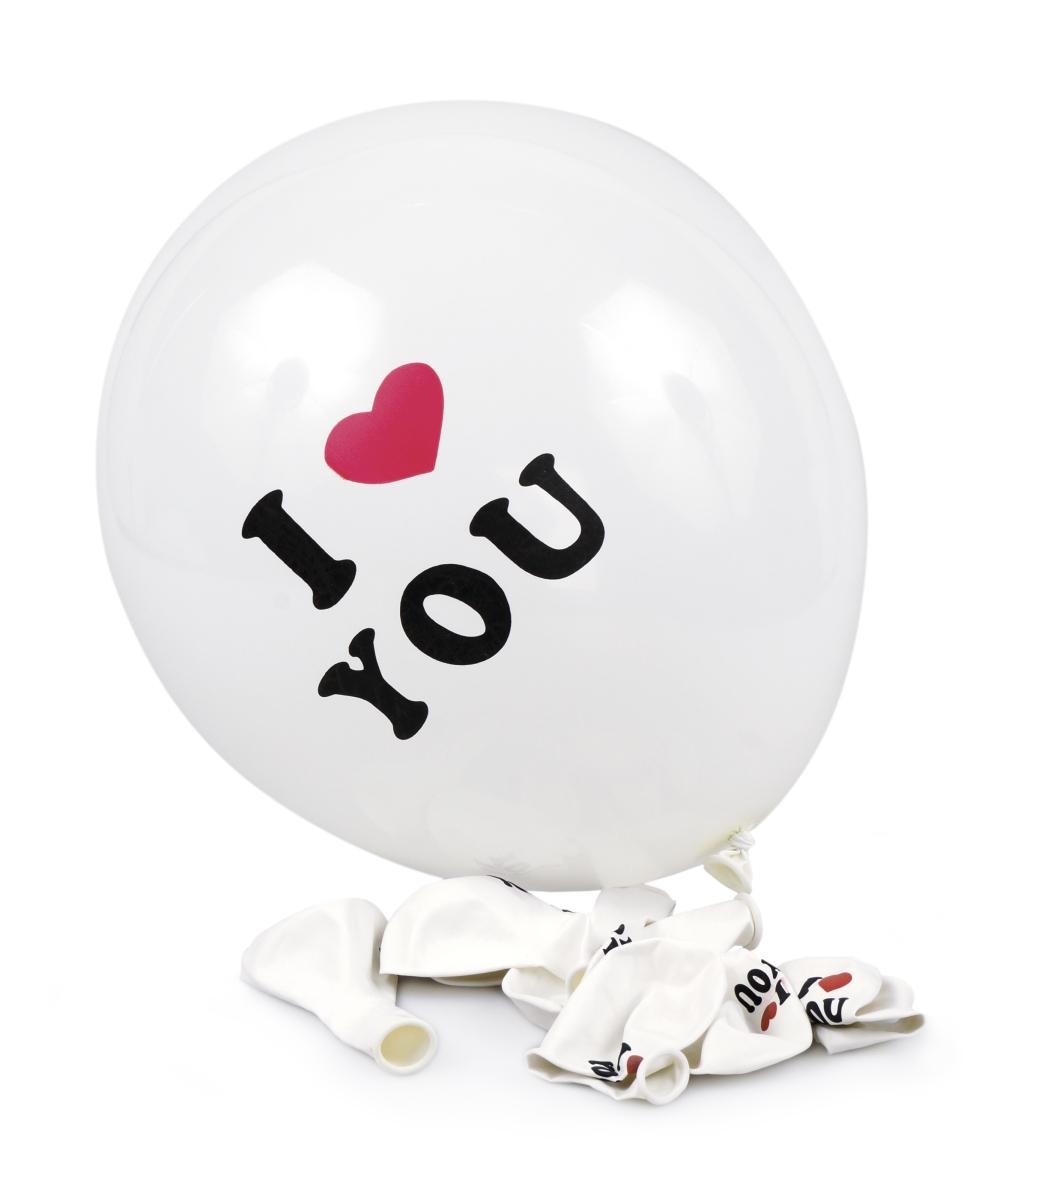 8 ks nafukovací balónky potištěné s nápisem I LOVE YOU